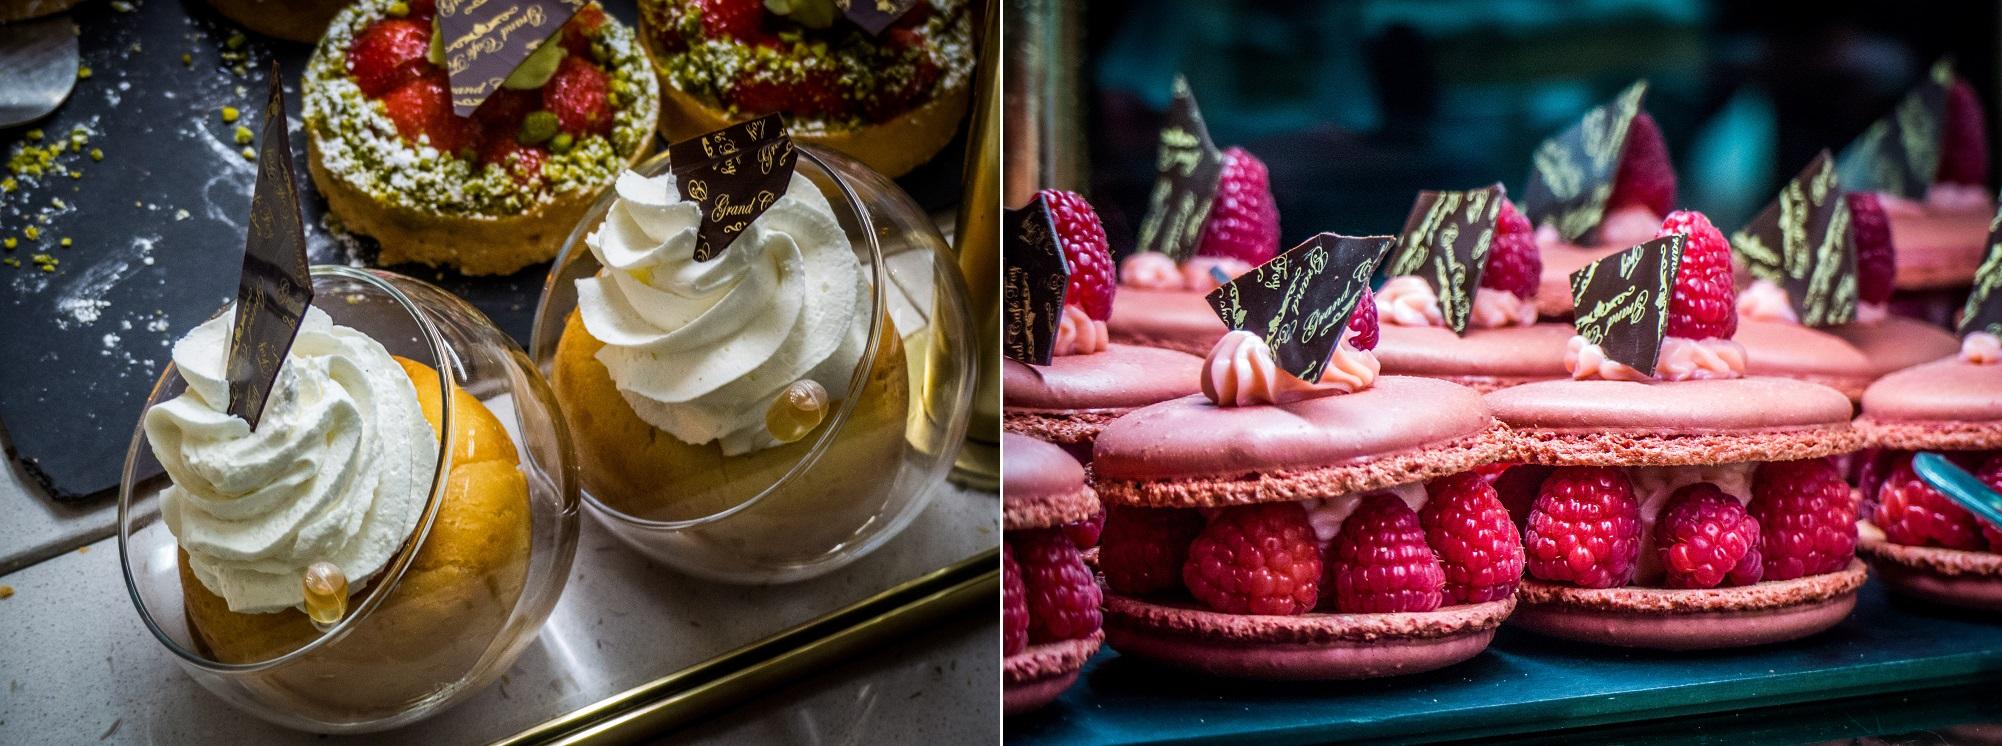 Desserts au Grand Café Sainte-Foy